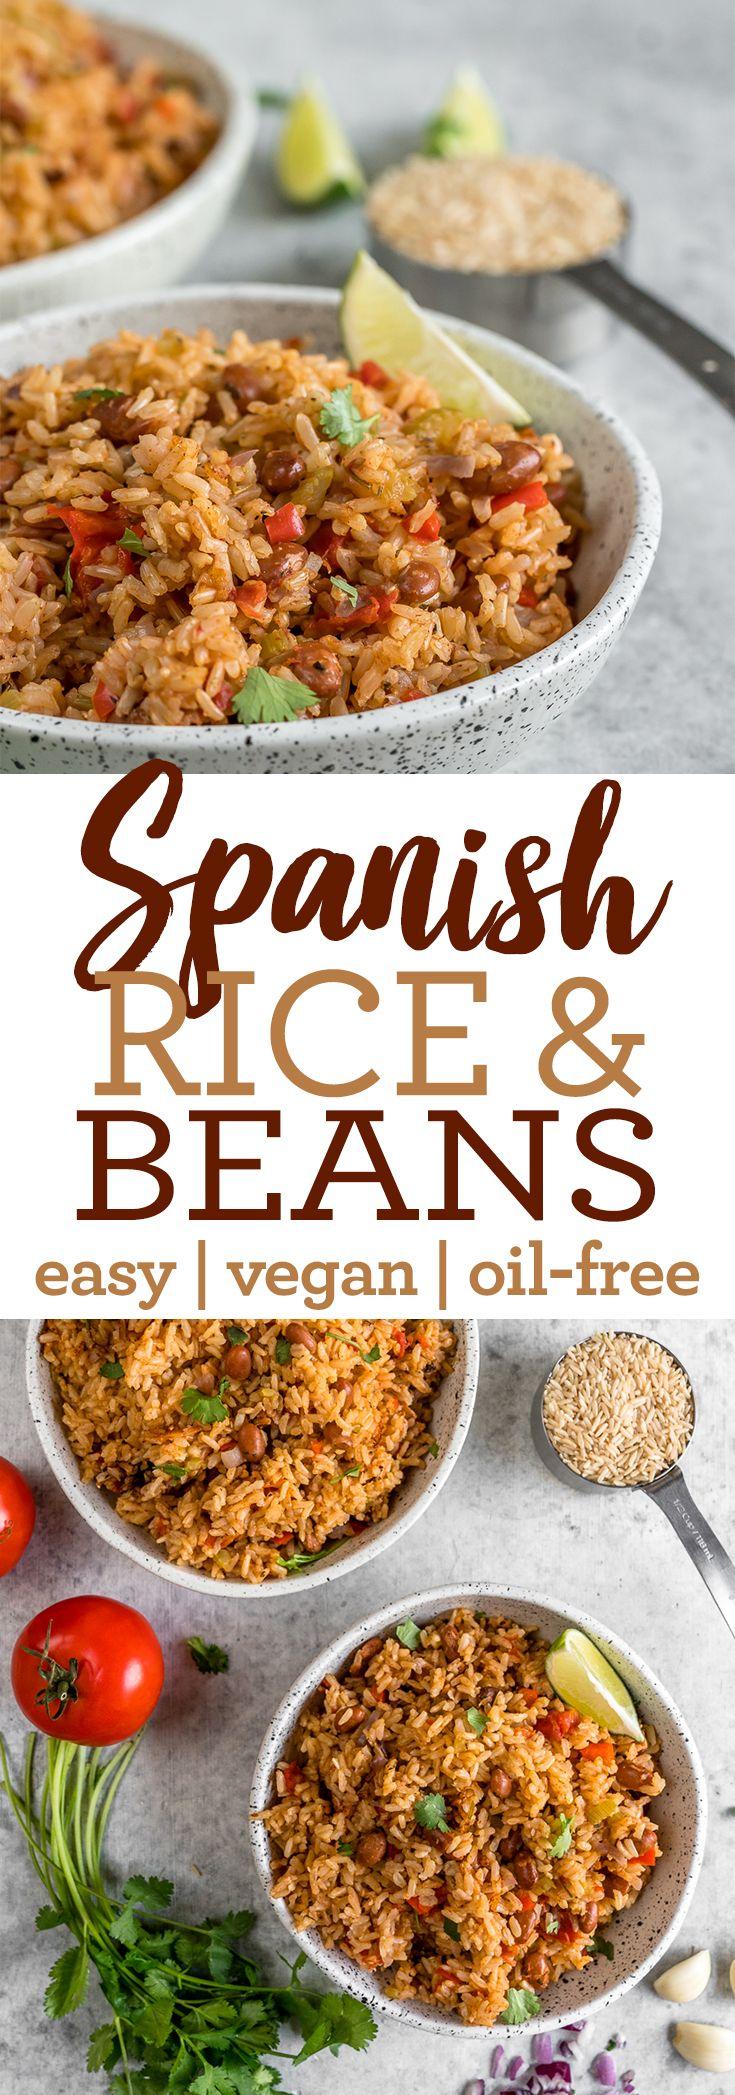 Vegan Spanish Rice & Beans